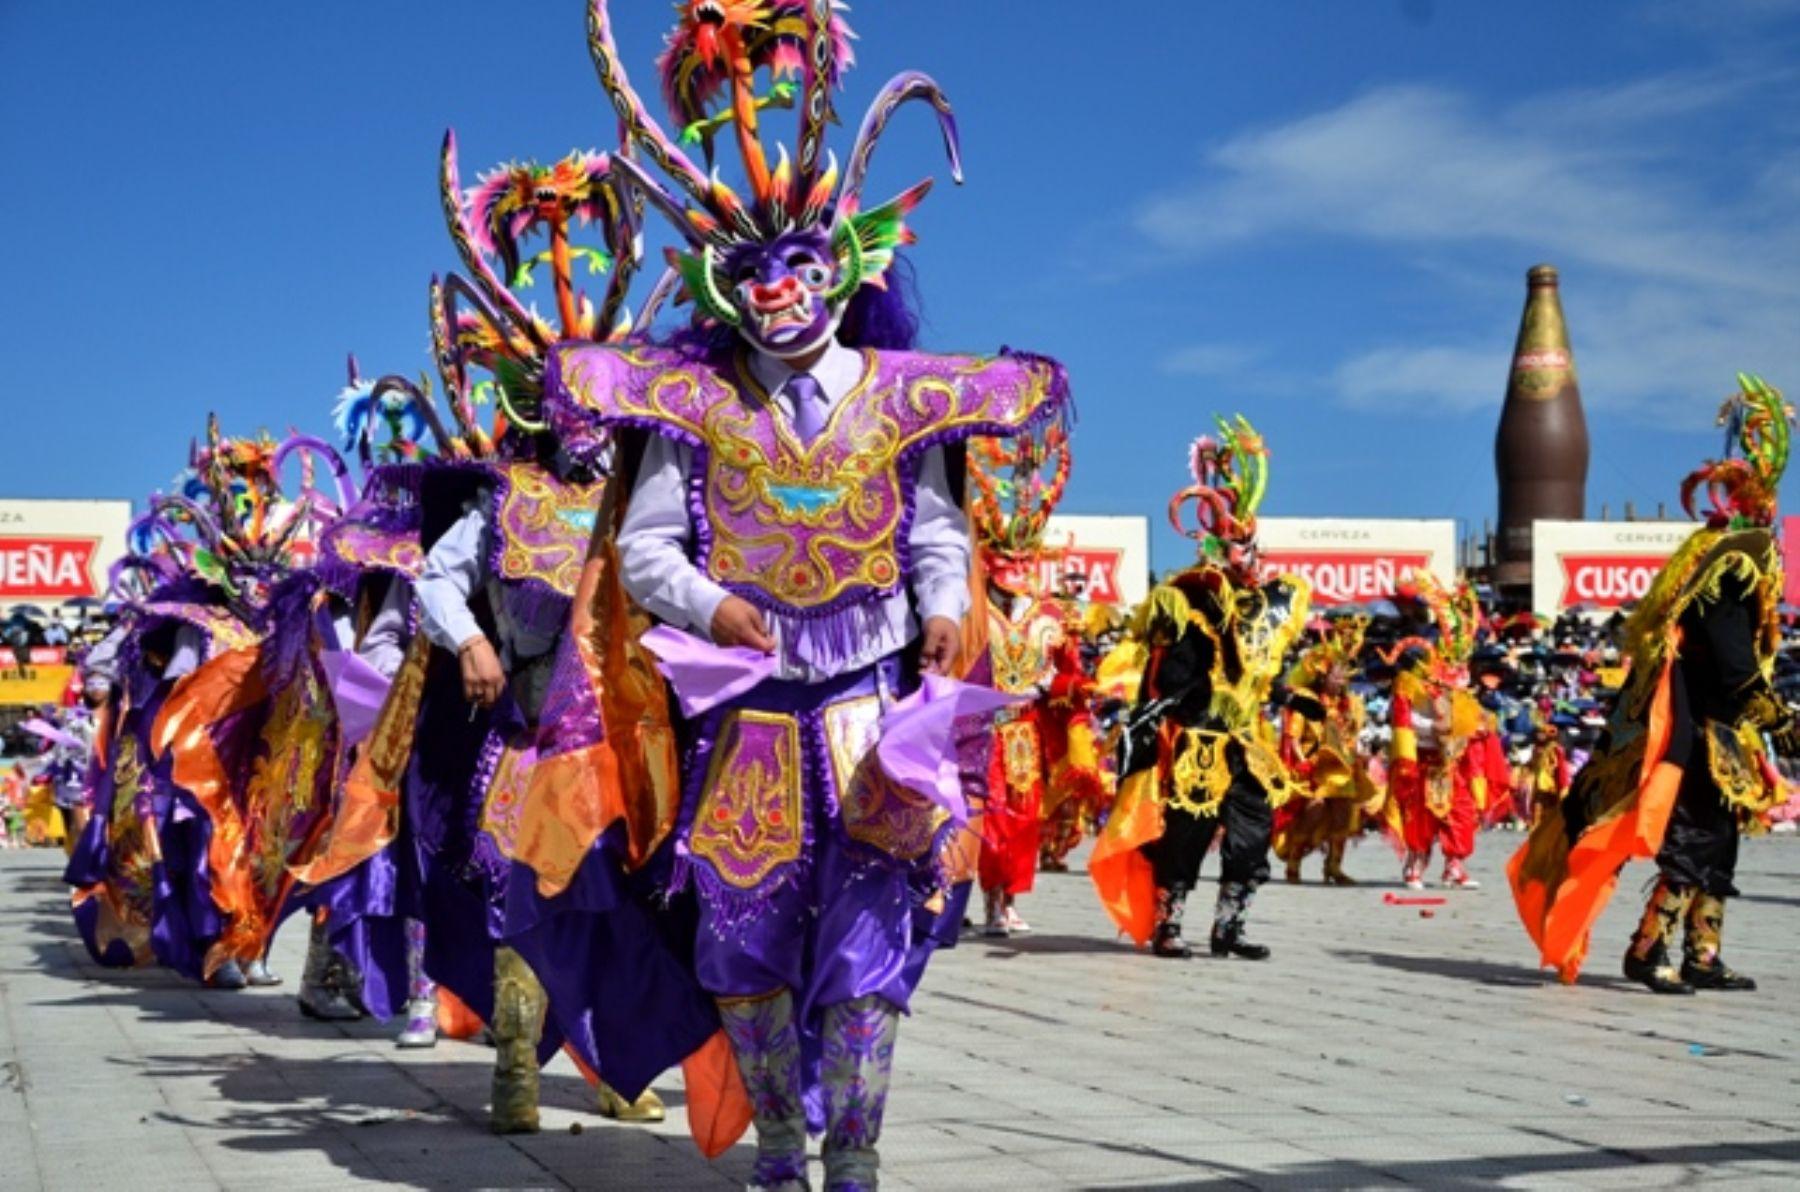 Reconocida oficialmente, el 7 de noviembre de 1985, como la Capital del Folclor peruano, la región Puno hace honor a dicha distinción con sus más de 350 danzas que conjugan tradiciones ancestrales y mestizaje expresadas en baile, música y arte interpretados con alegría y sentimiento desbordante que han cruzado fronteras dentro y fuera del Perú. ANDINA/Difusión